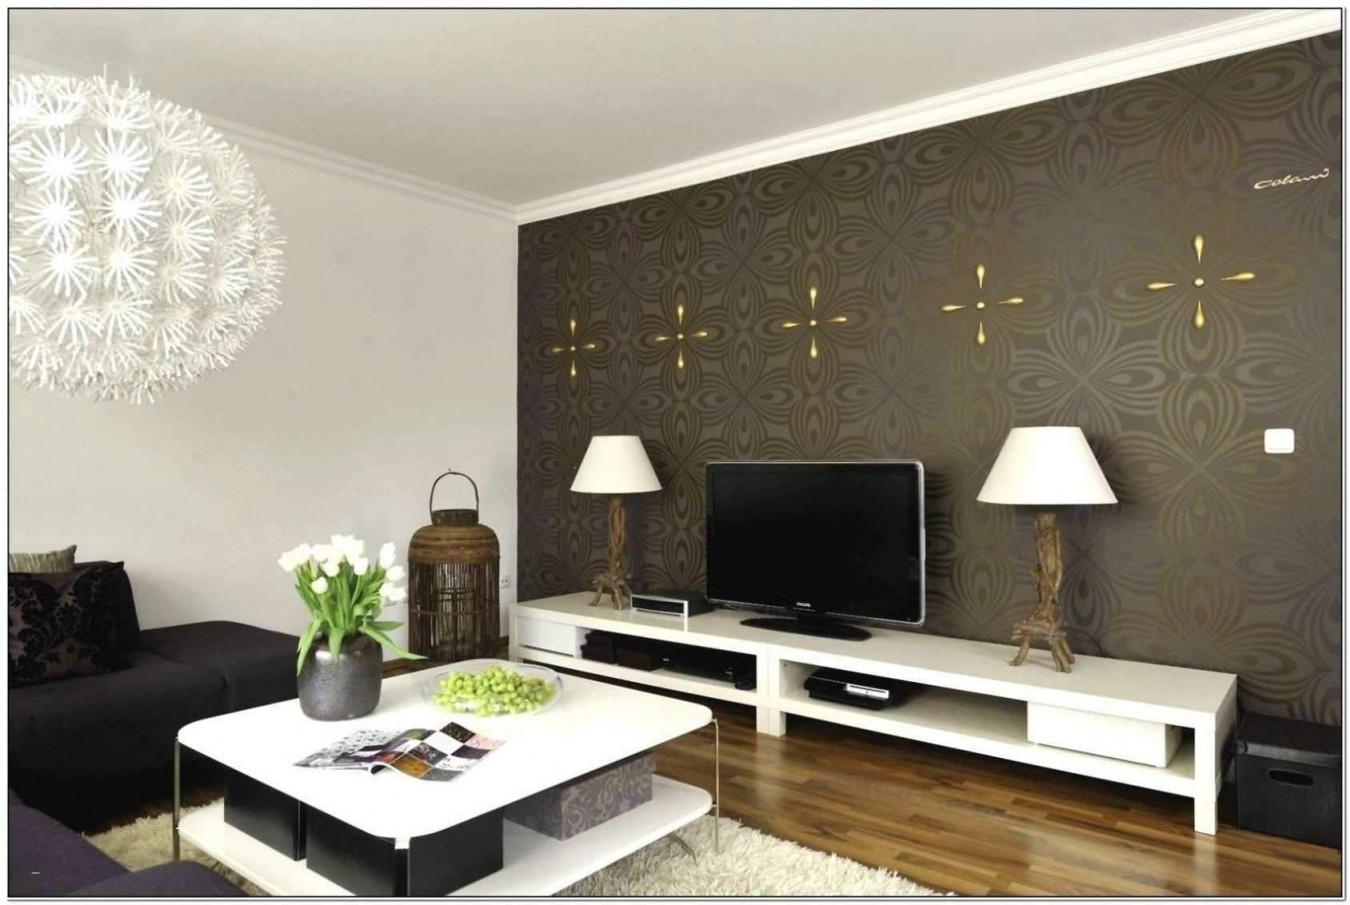 39 Elegant Ausgefallene Tapeten Wohnzimmer Das Beste Von von Aktuelle Tapeten Trends Wohnzimmer Photo